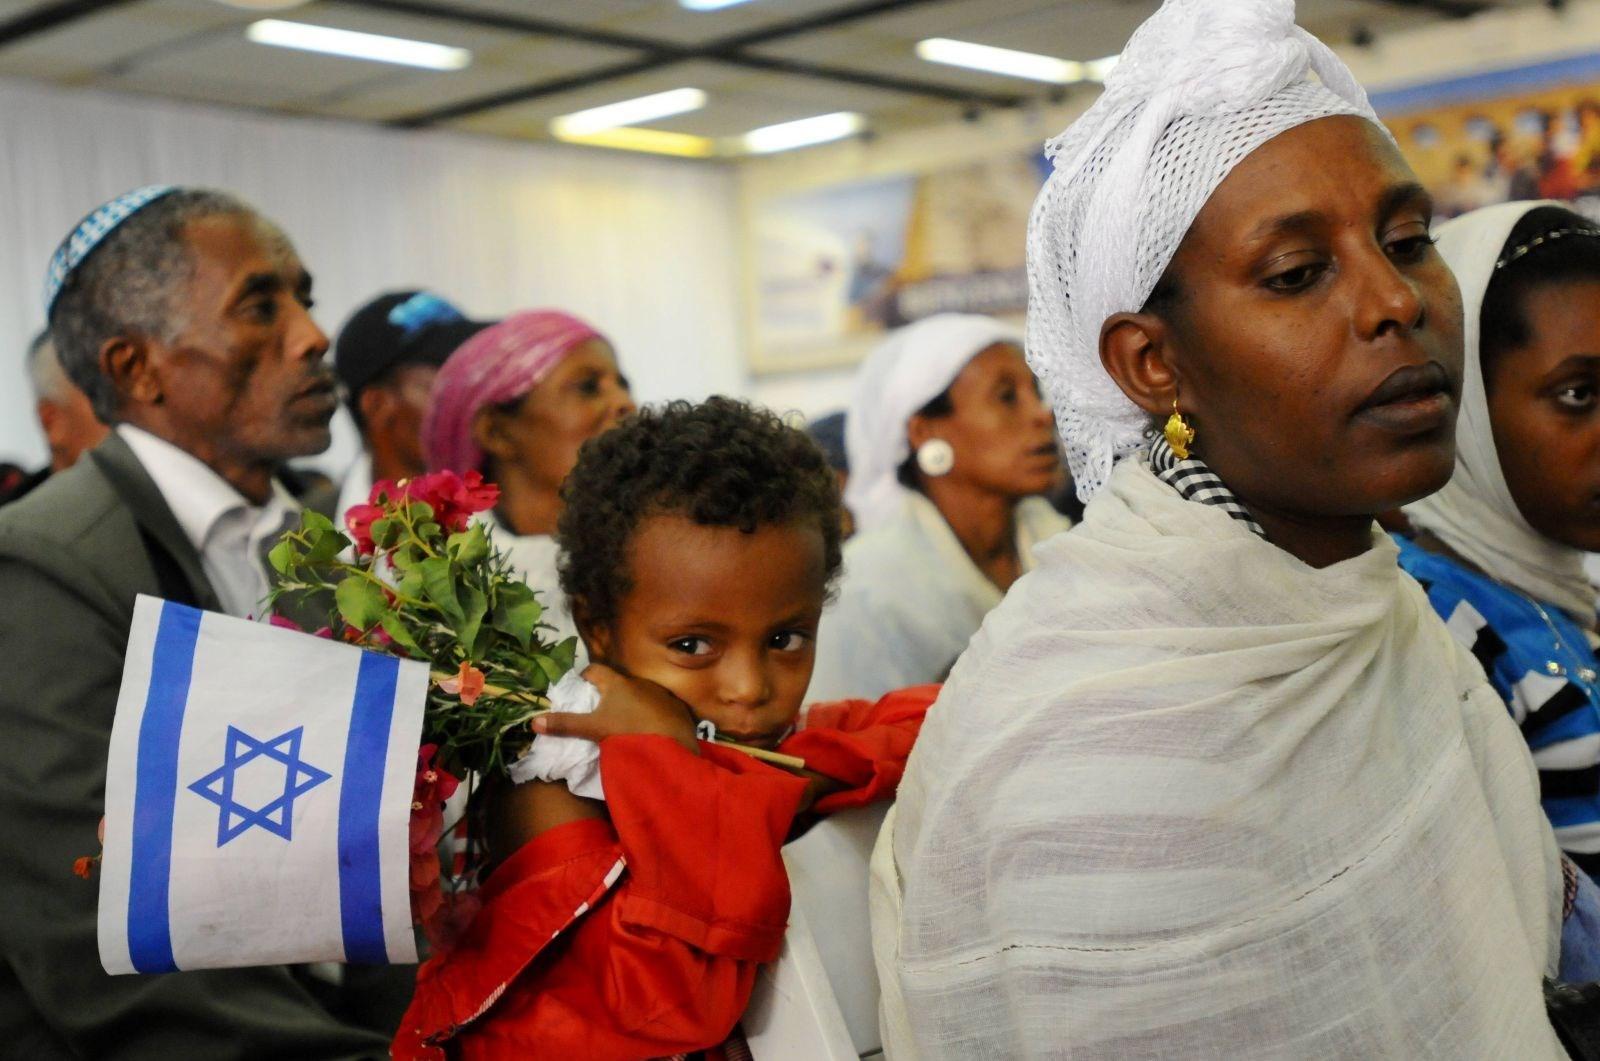 وفد إسرائيلي رسمي الى إثيوبيا لتأمين هجرة